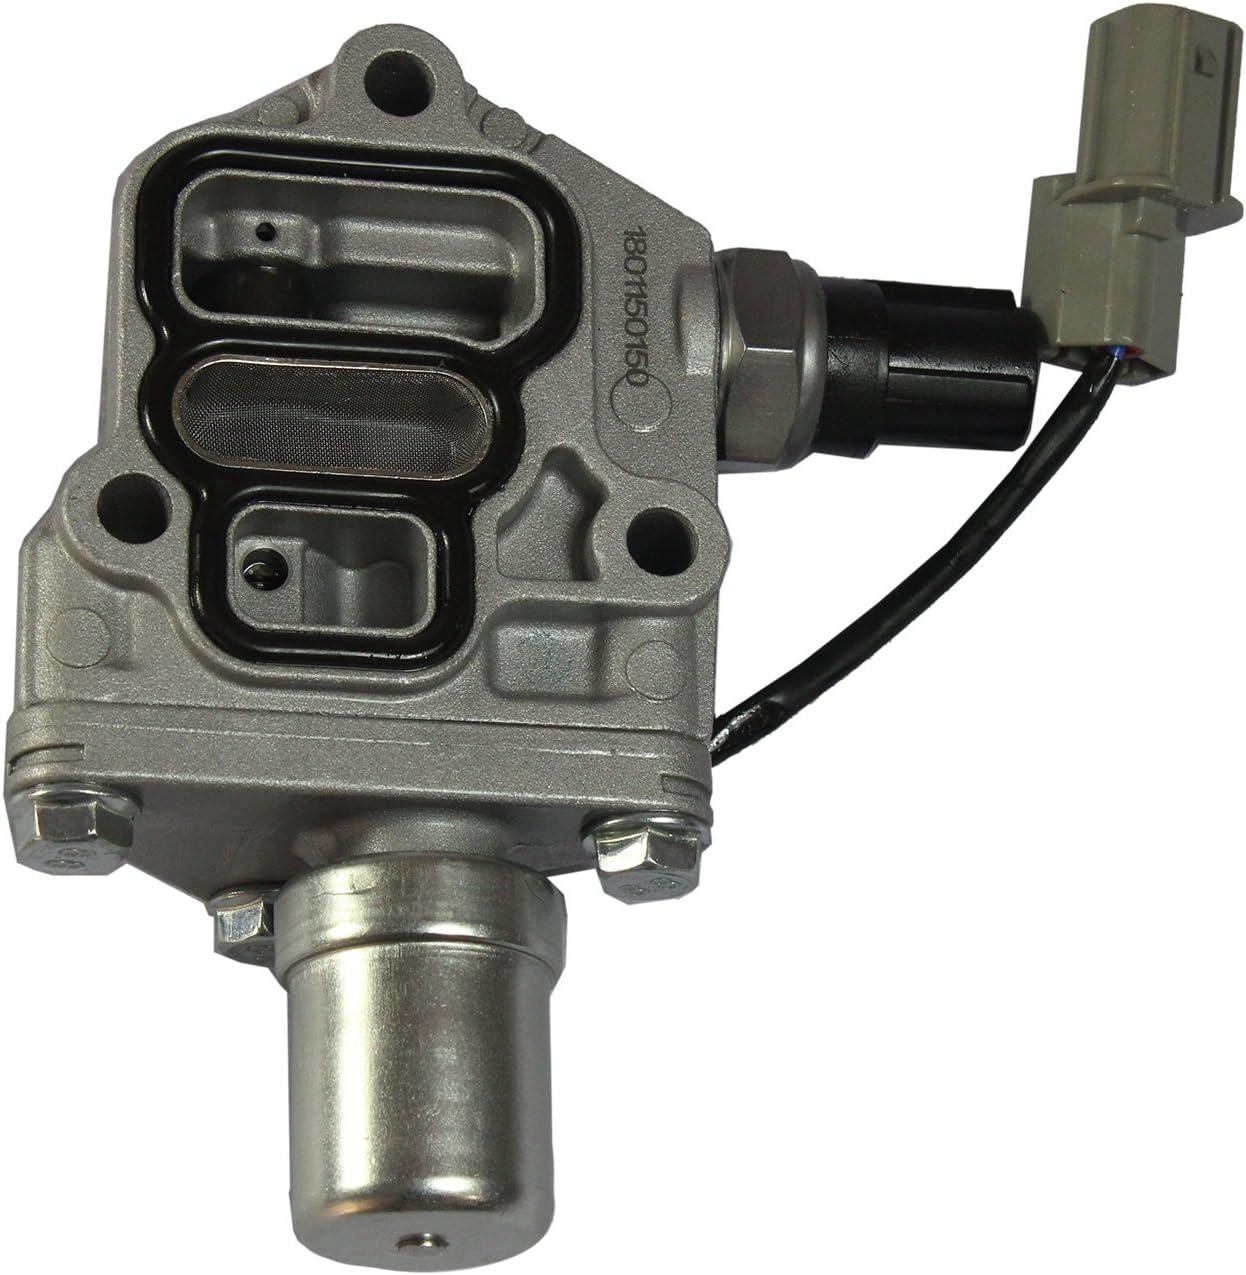 VTEC Solenoid Spool Valve For 2001-2005 Honda EL Civic 1.7L 15810-PLR-A01